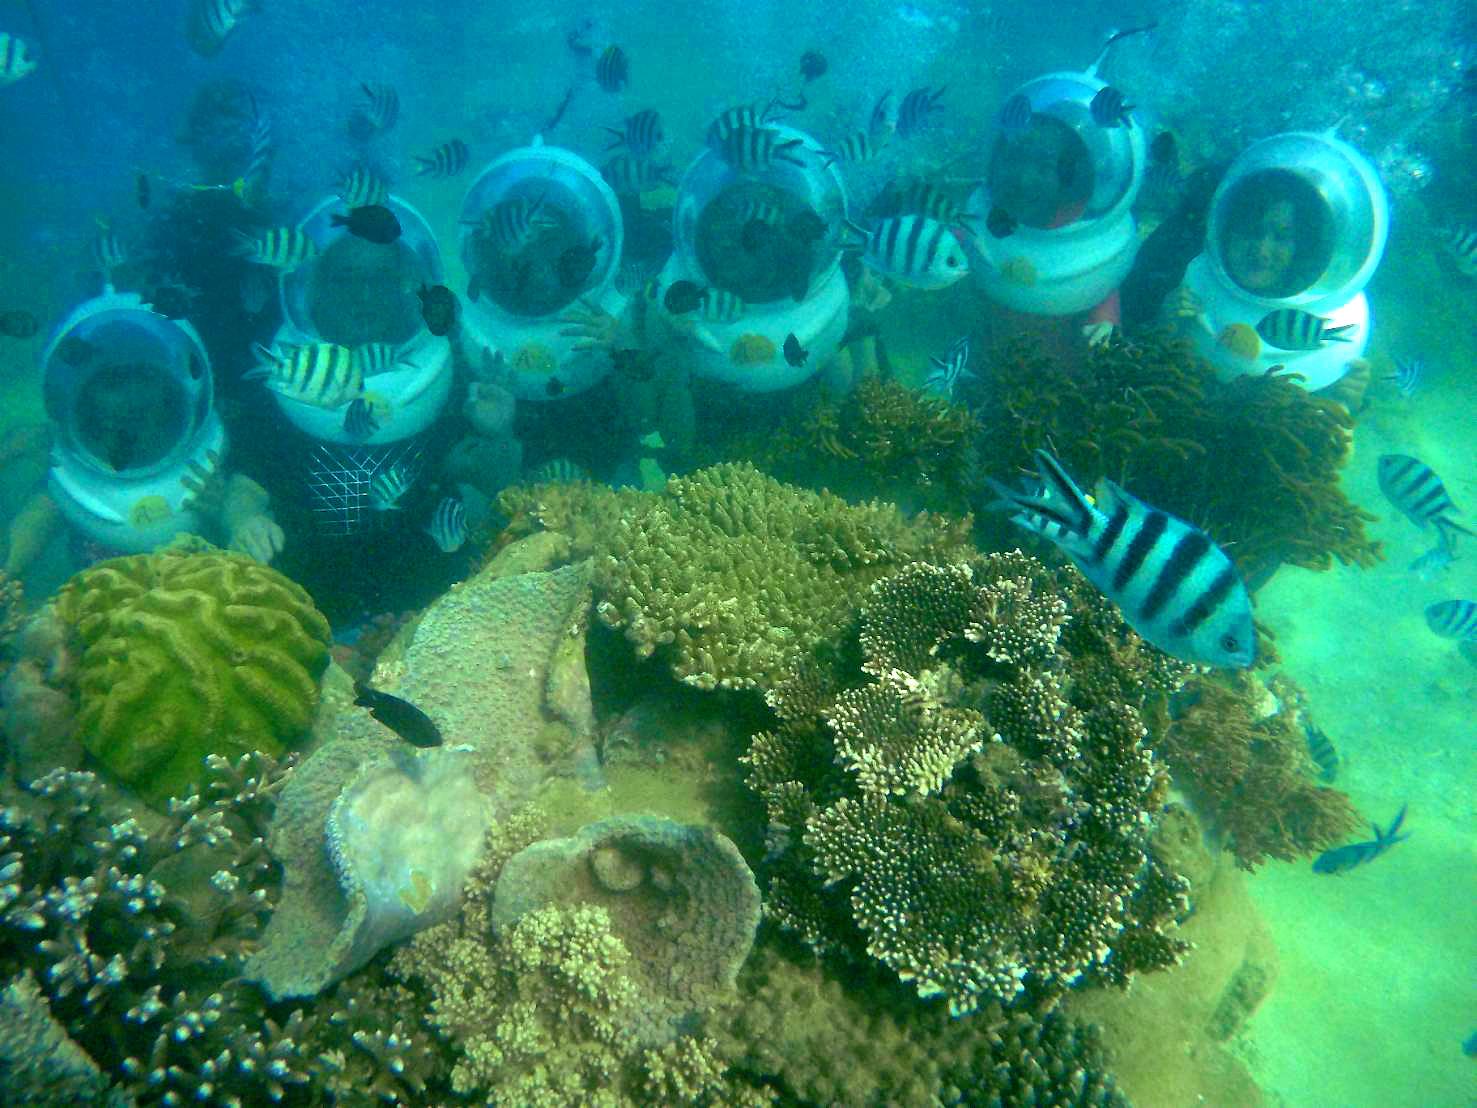 đi bộ dưới biển, thể thao biển tại Nha Trang